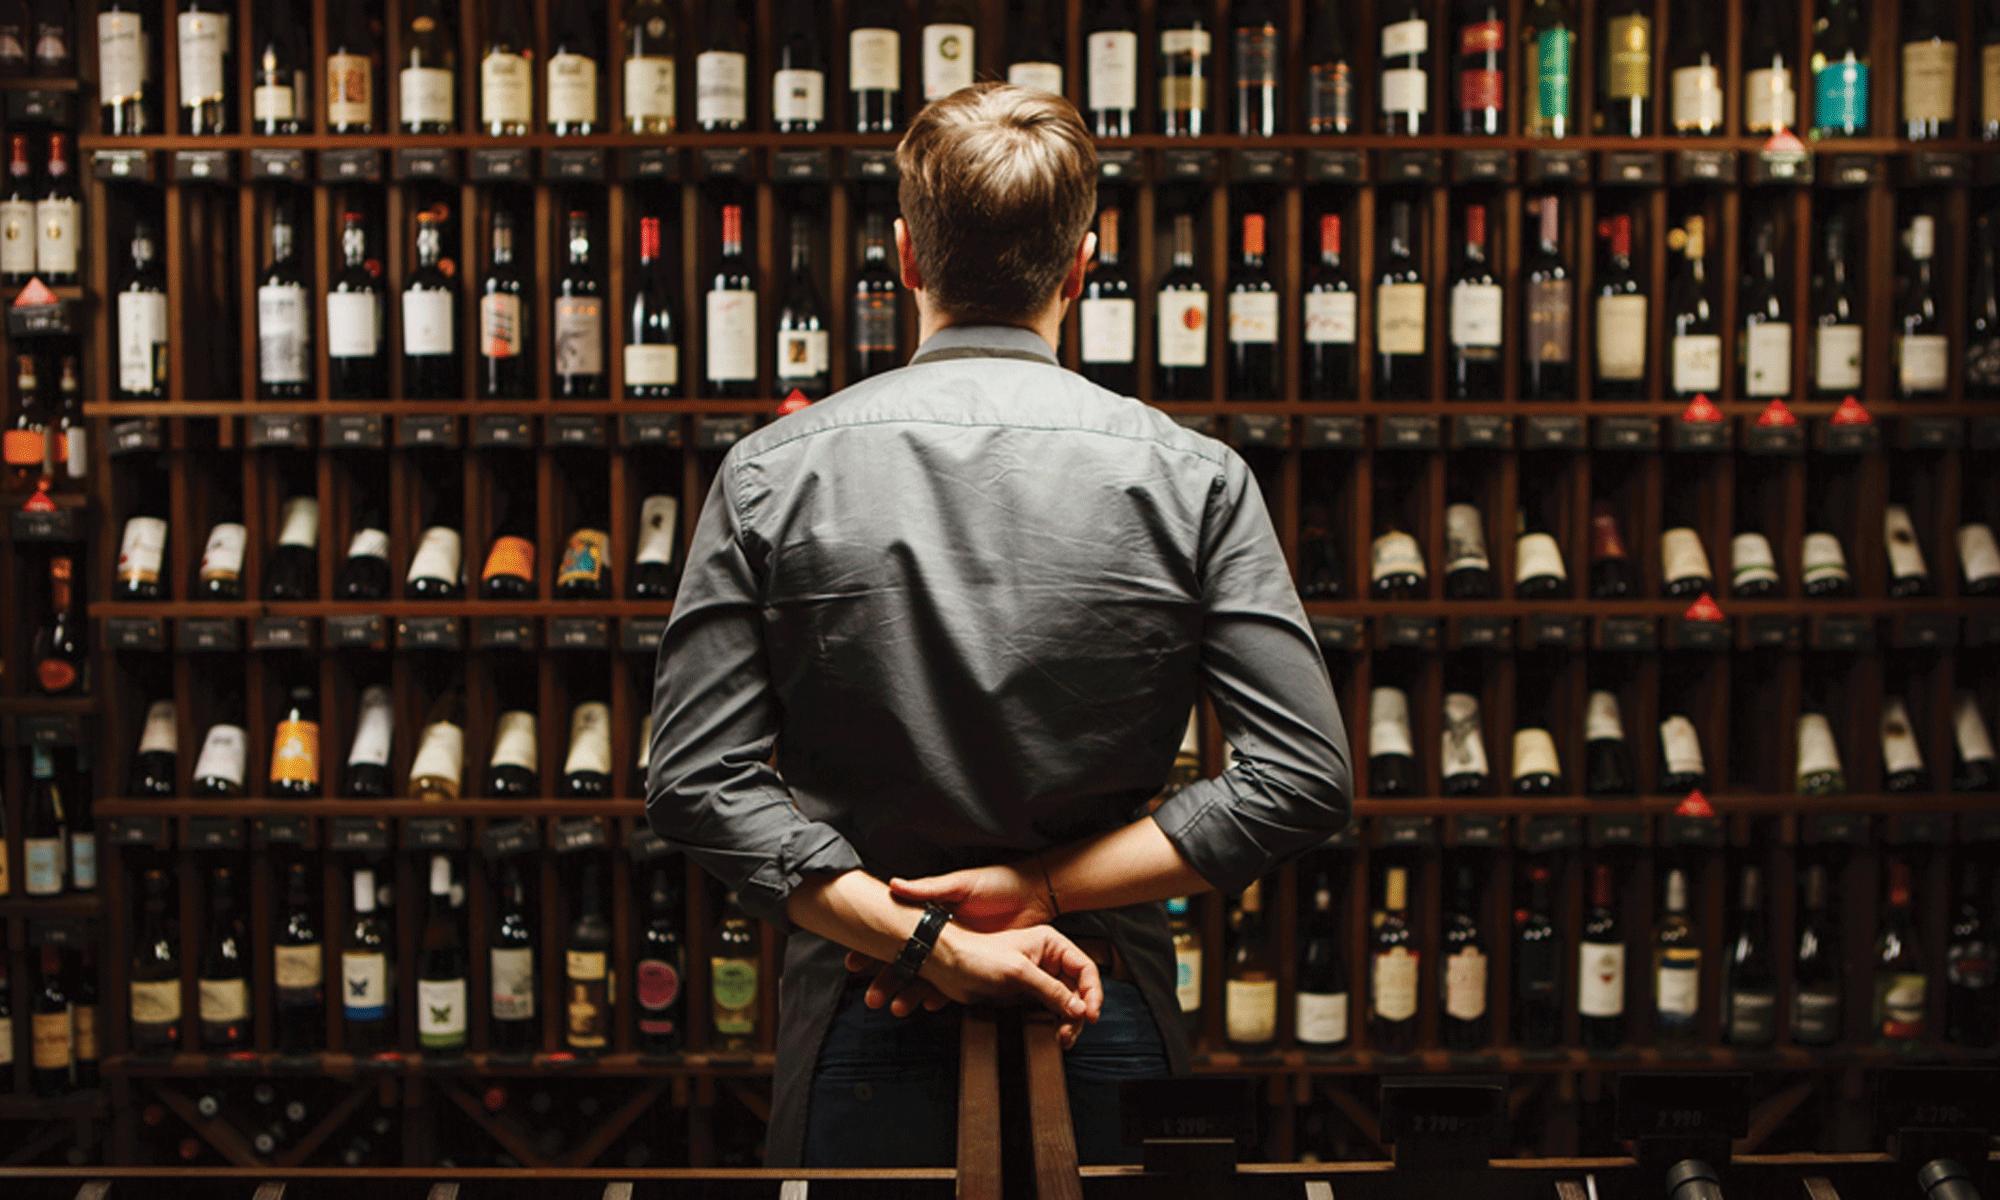 Основные правила и советы при выборе вина от профессионалов